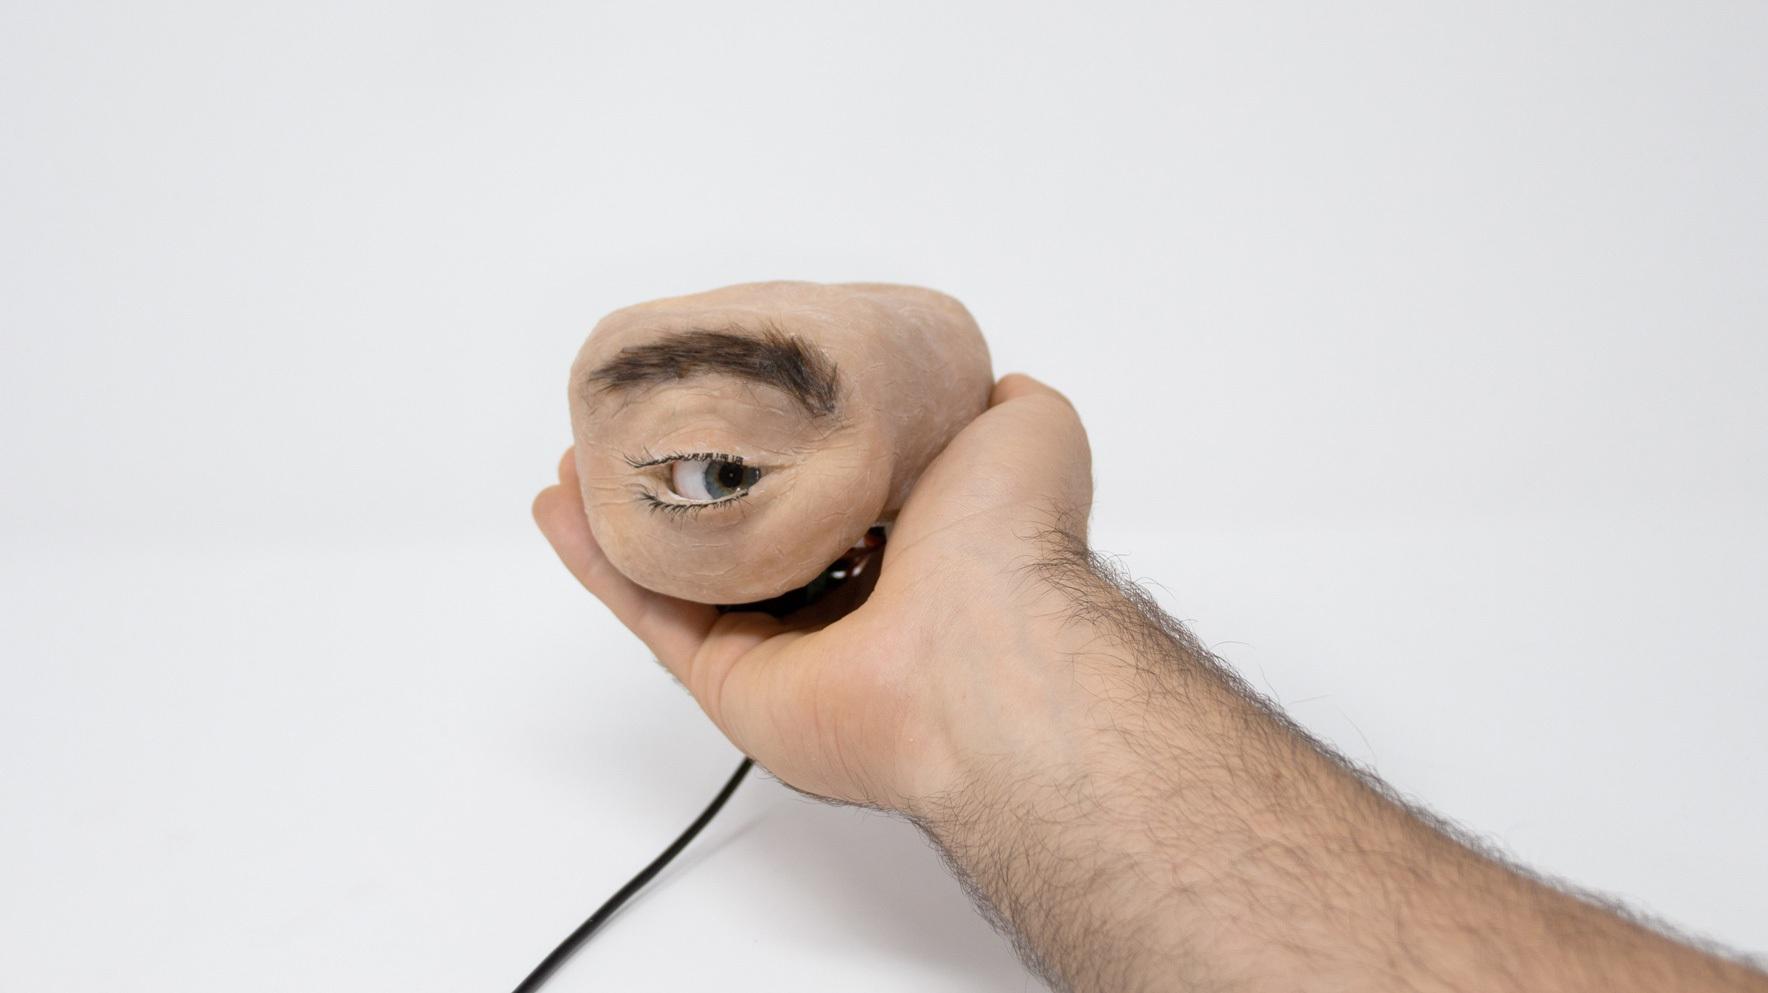 Chiếc webcam kì dị có thiết kế giống mắt người, biết chớp mắt, liếc nhìn - 3